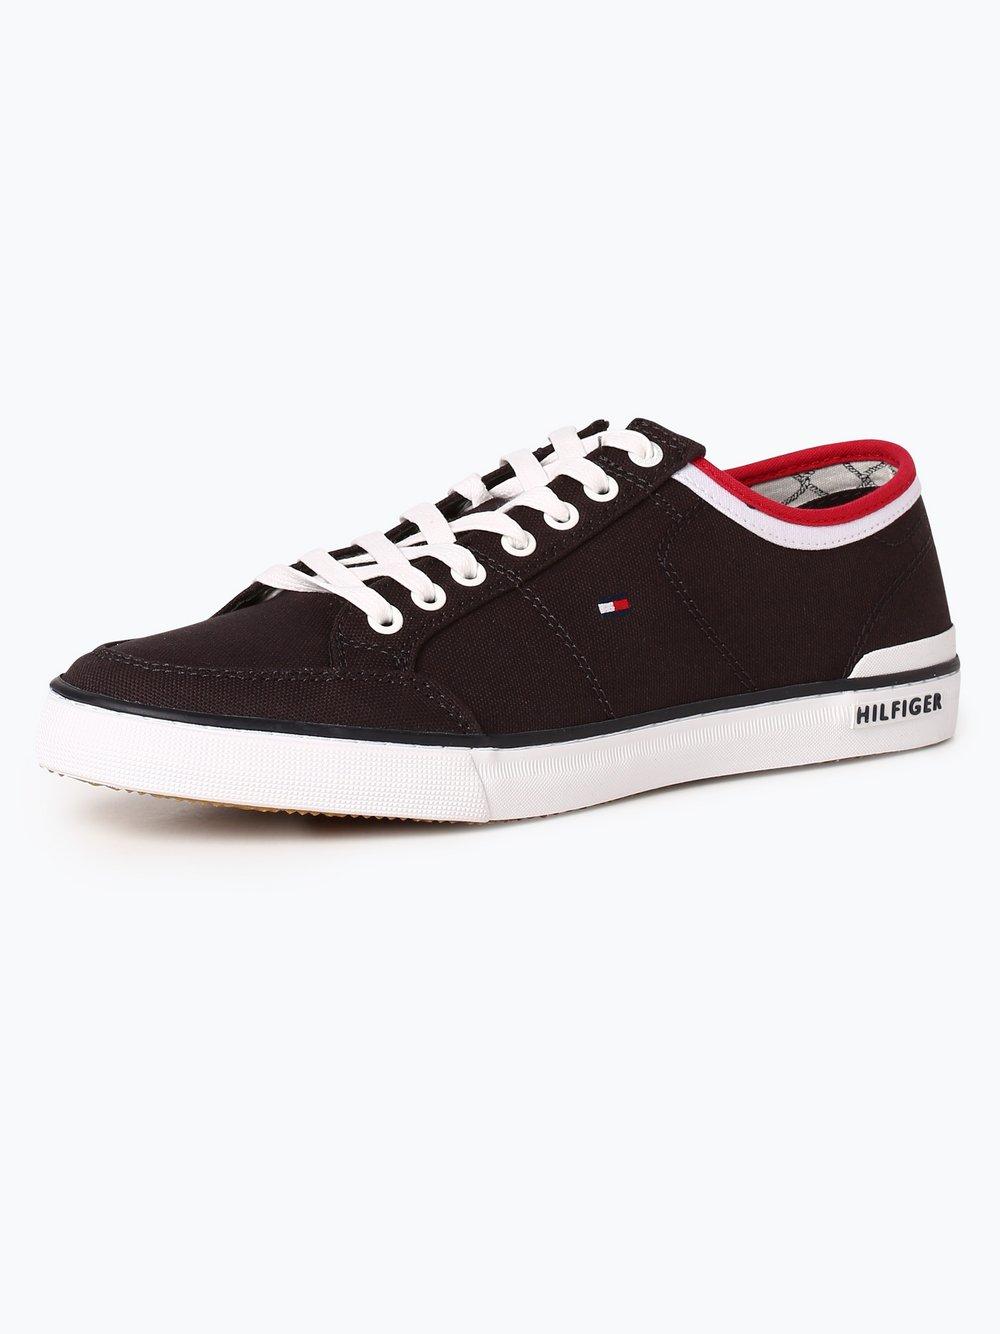 Tommy Hilfiger Herren Sneaker  2  online kaufen   PEEK-UND ... f010800654